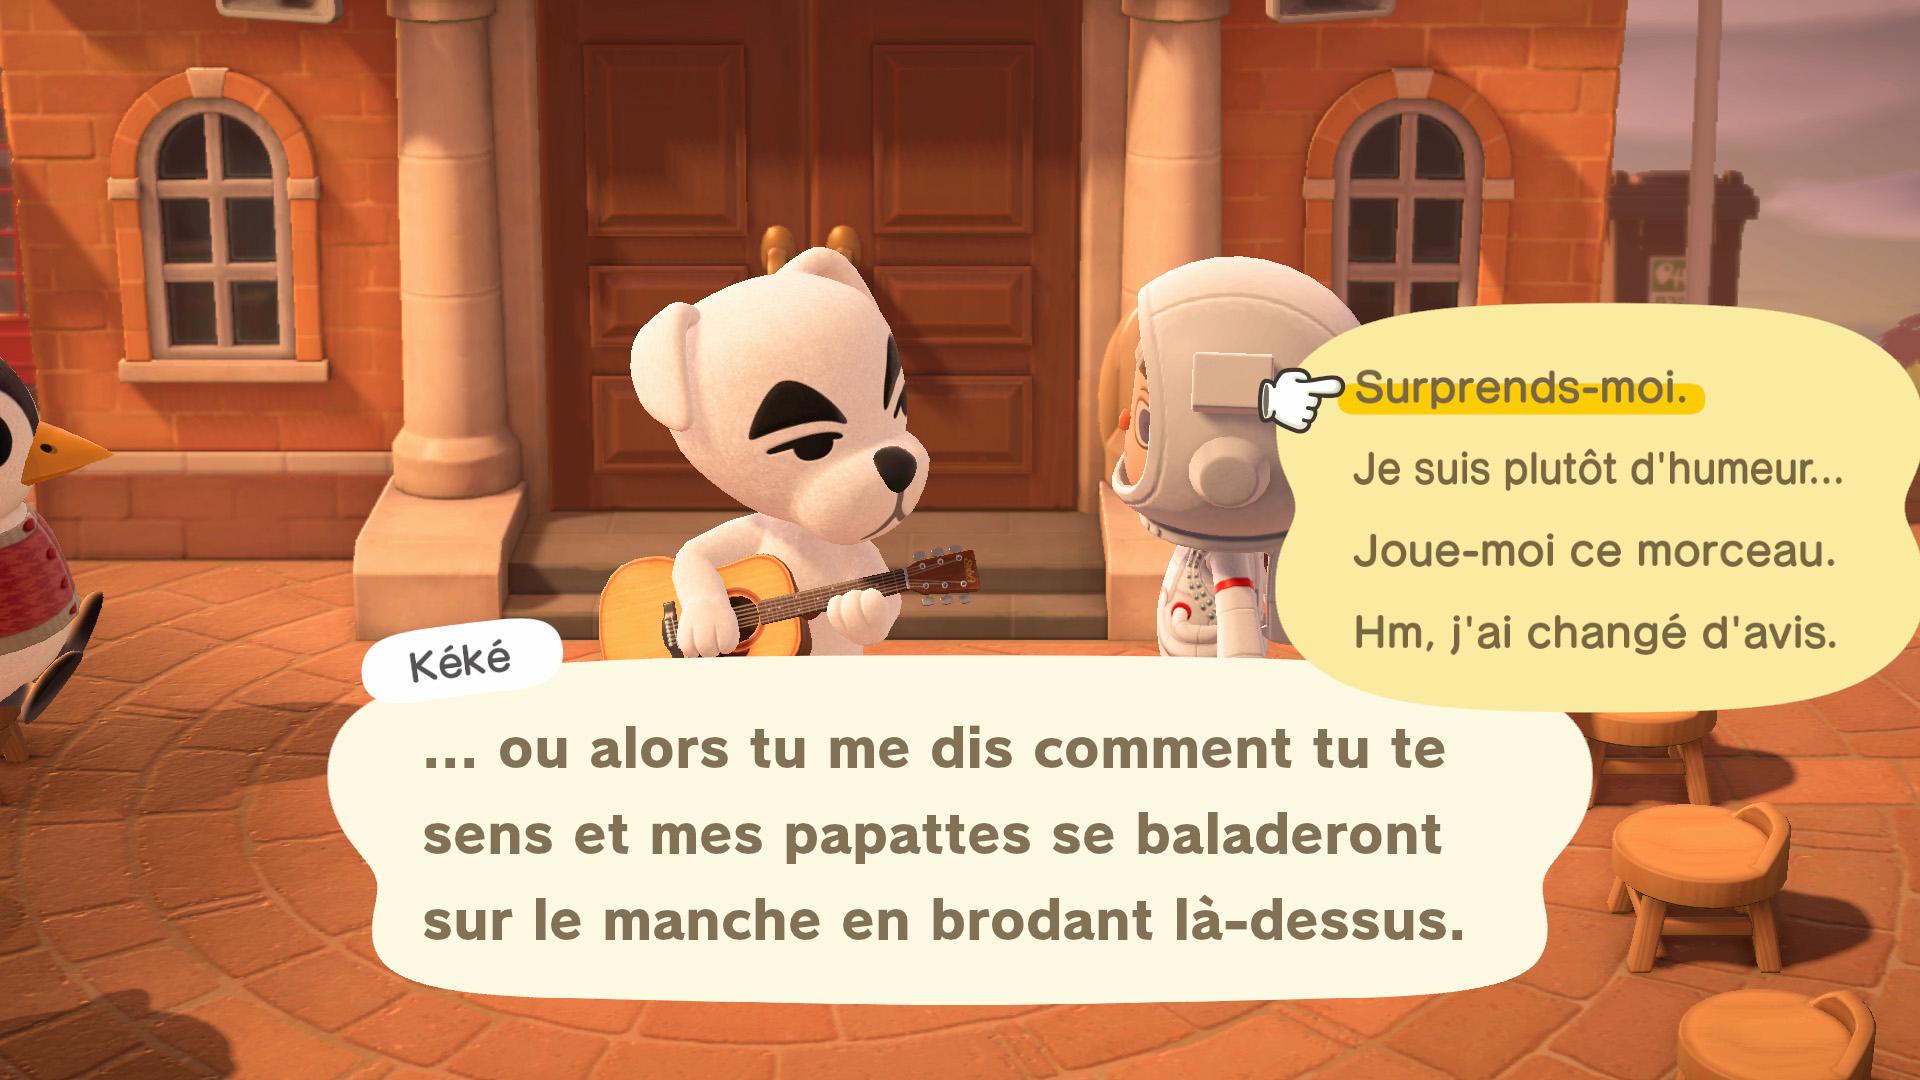 Avoir Des Chansons De Kéké Gratuites | Guide Animal Crossing encequiconcerne Chanson Pour Les Animaux